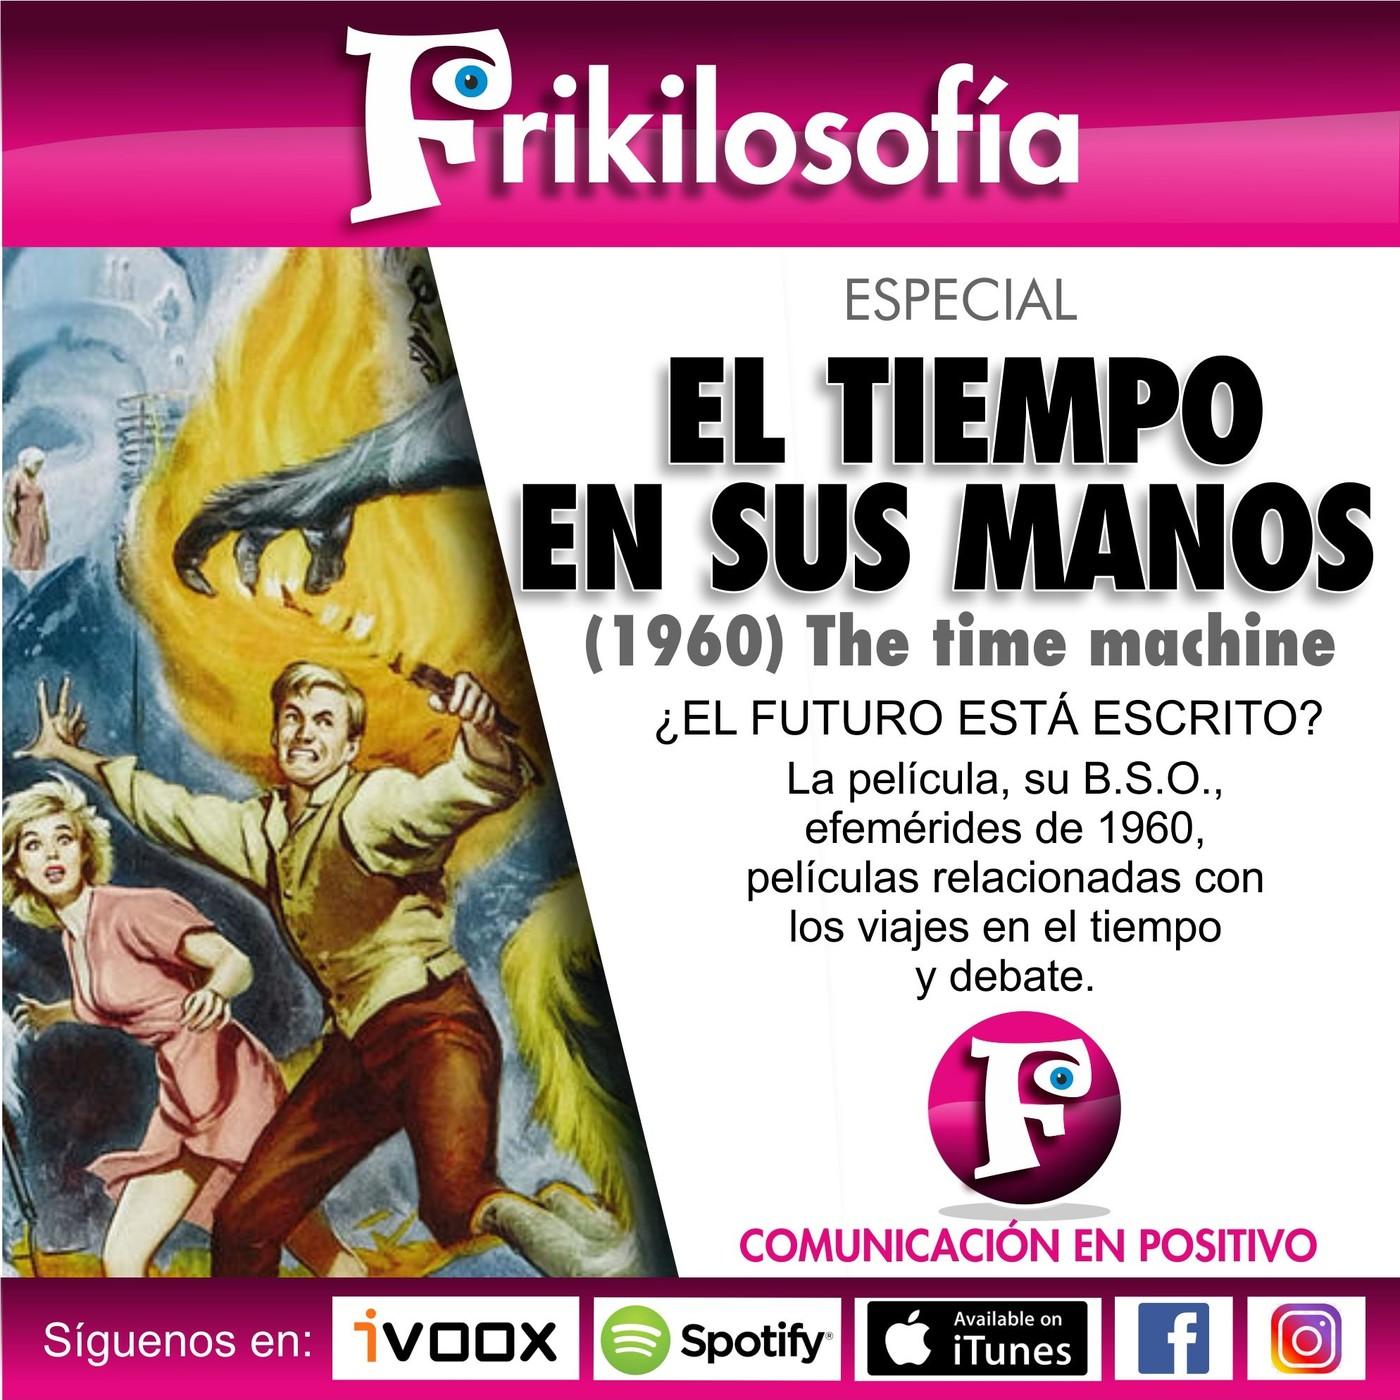 1x02. EL TIEMPO EN SUS MANOS (1960) The time machine - La máquina del tiempo.